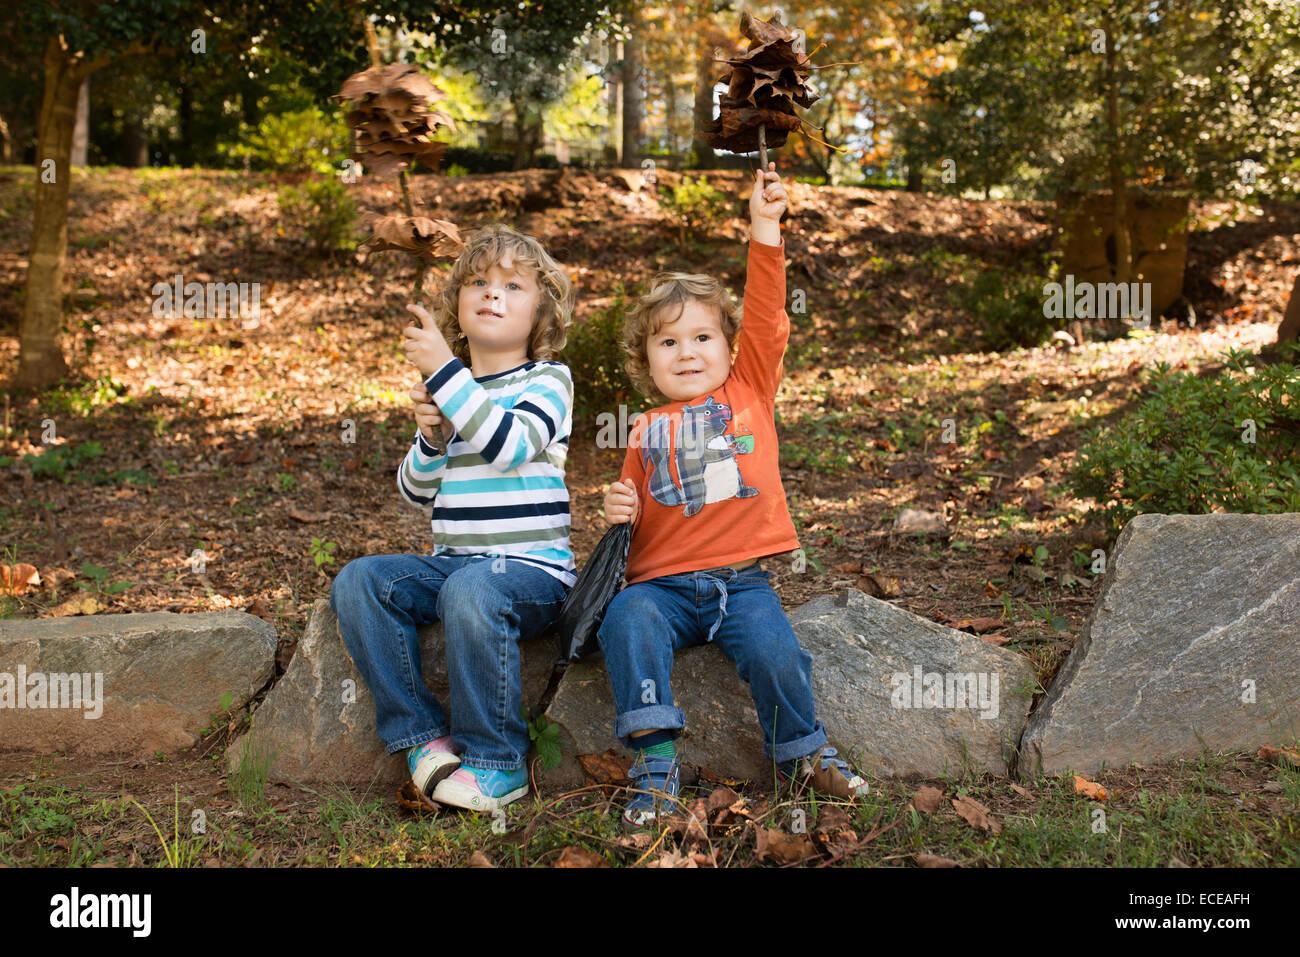 Jungen (2-5) Spaß im Herbst Park Stockbild